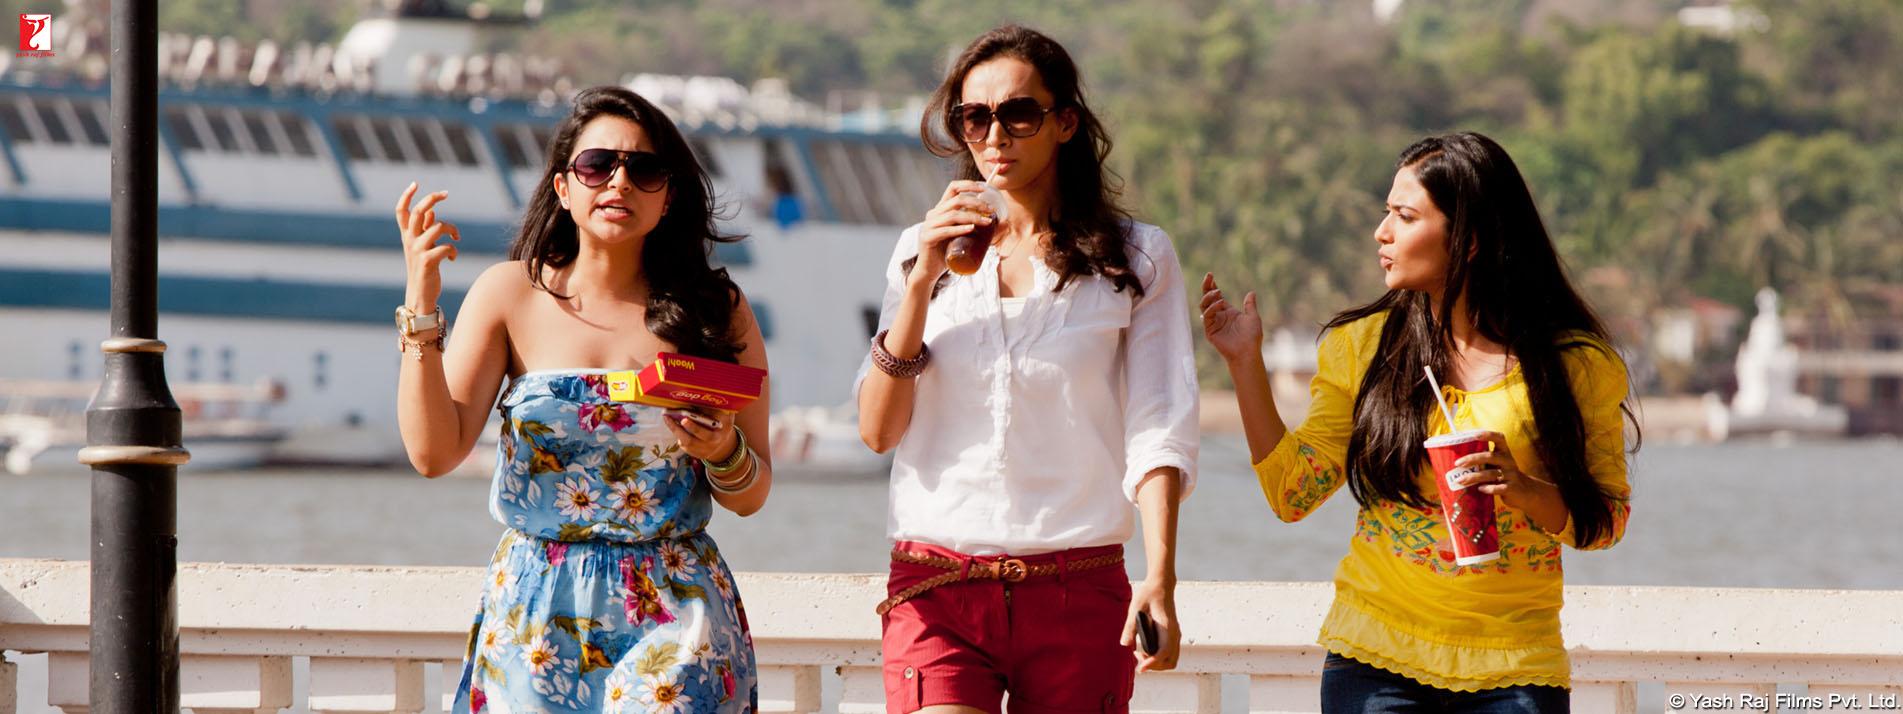 ladies vs ricky bahl movie video songs movie trailer